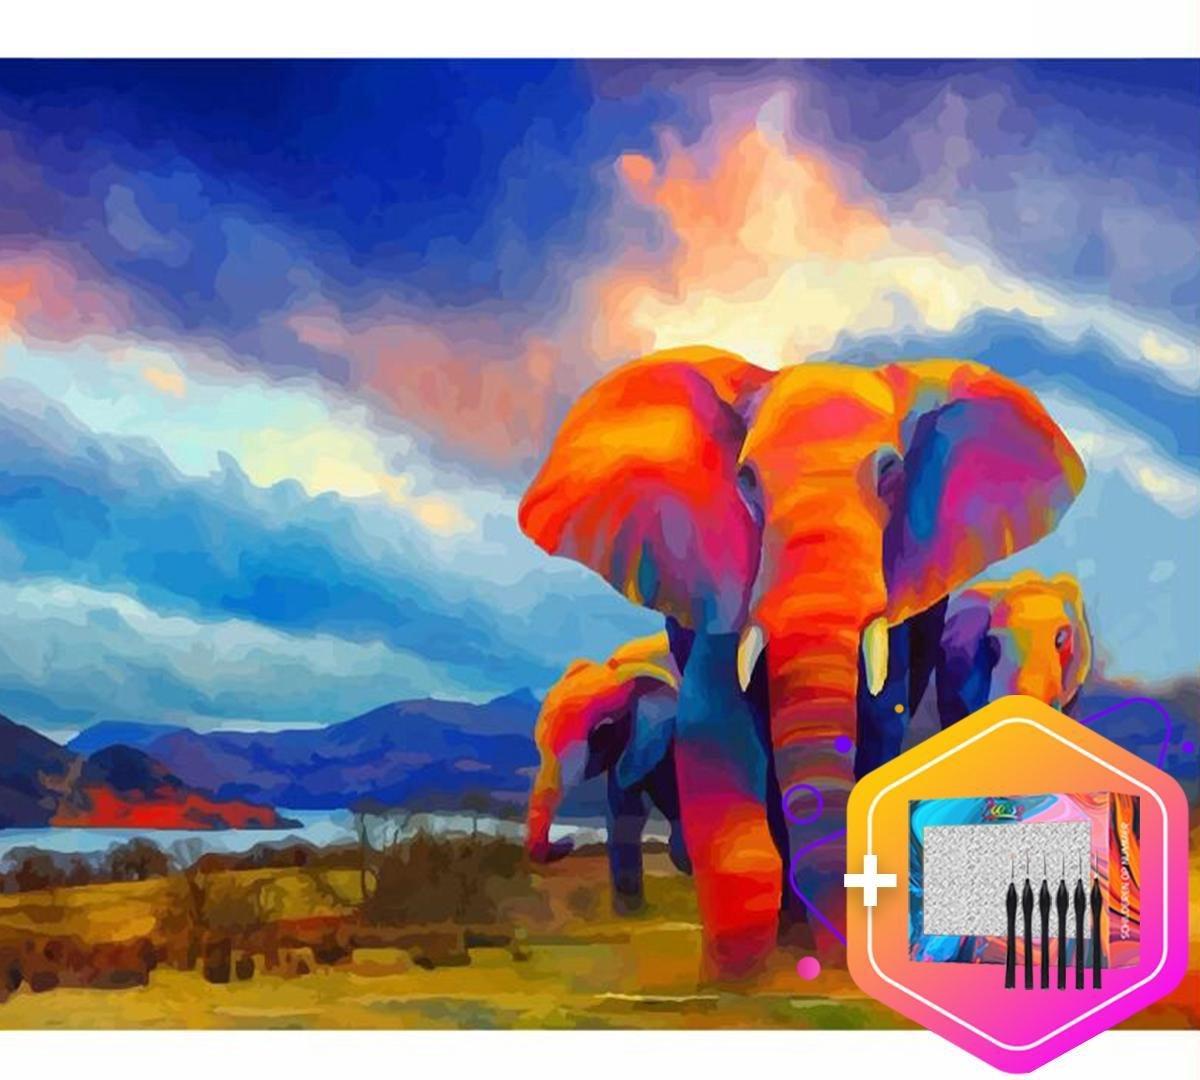 Pcasso ® Olifant - Schilderen Op Nummer - Incl. 6 Ergonomische Penselen En Geschenkverpakking - Schilderen Op Nummer Dieren - Schilderen Op Nummer Volwassenen - Canvas Schilderdoek - Kleuren Op Nummer - 40x50 cm